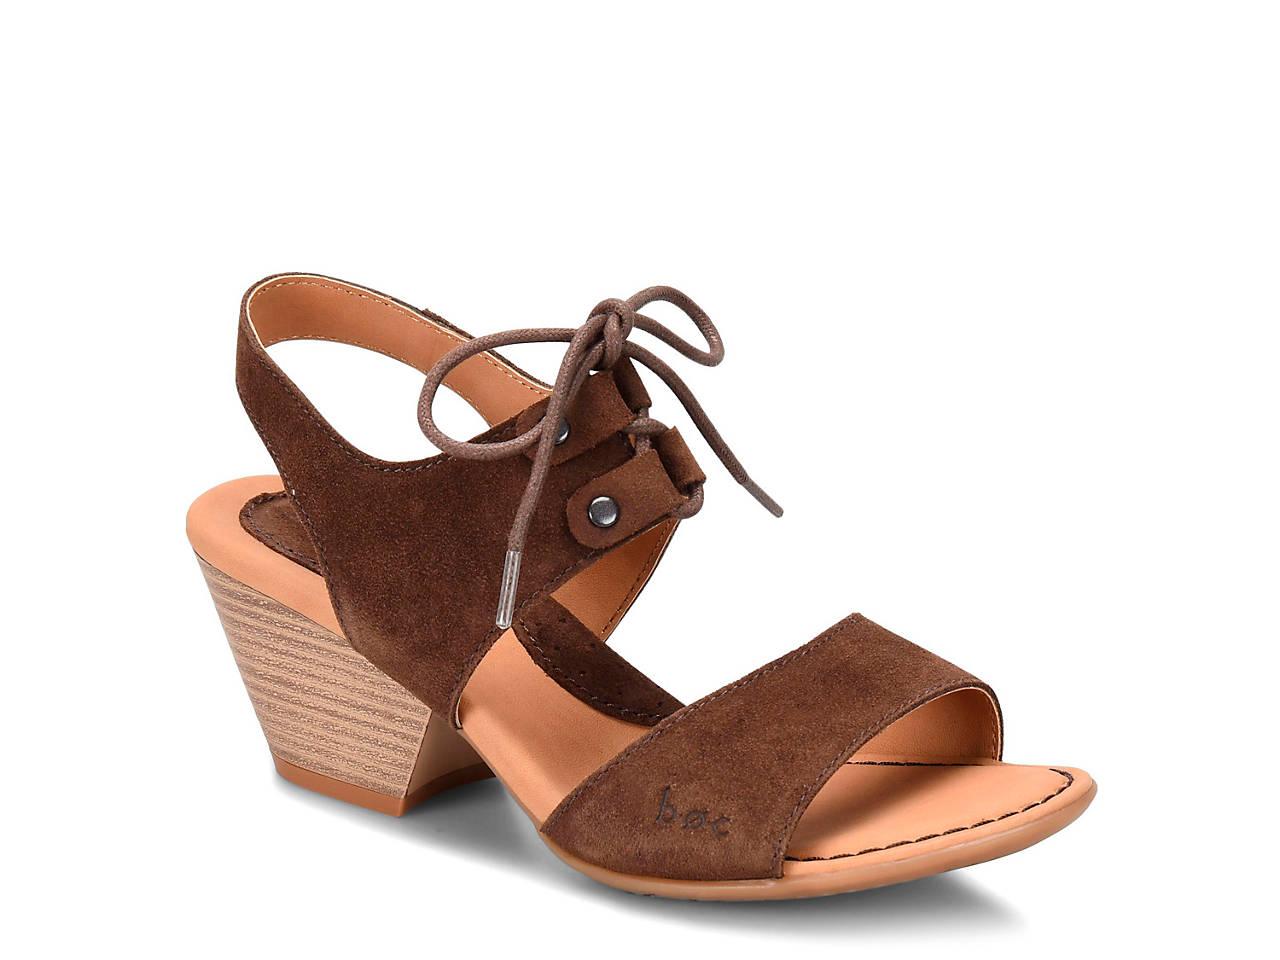 3eda8f54a5 b.o.c Blaire Sandal Women's Shoes | DSW